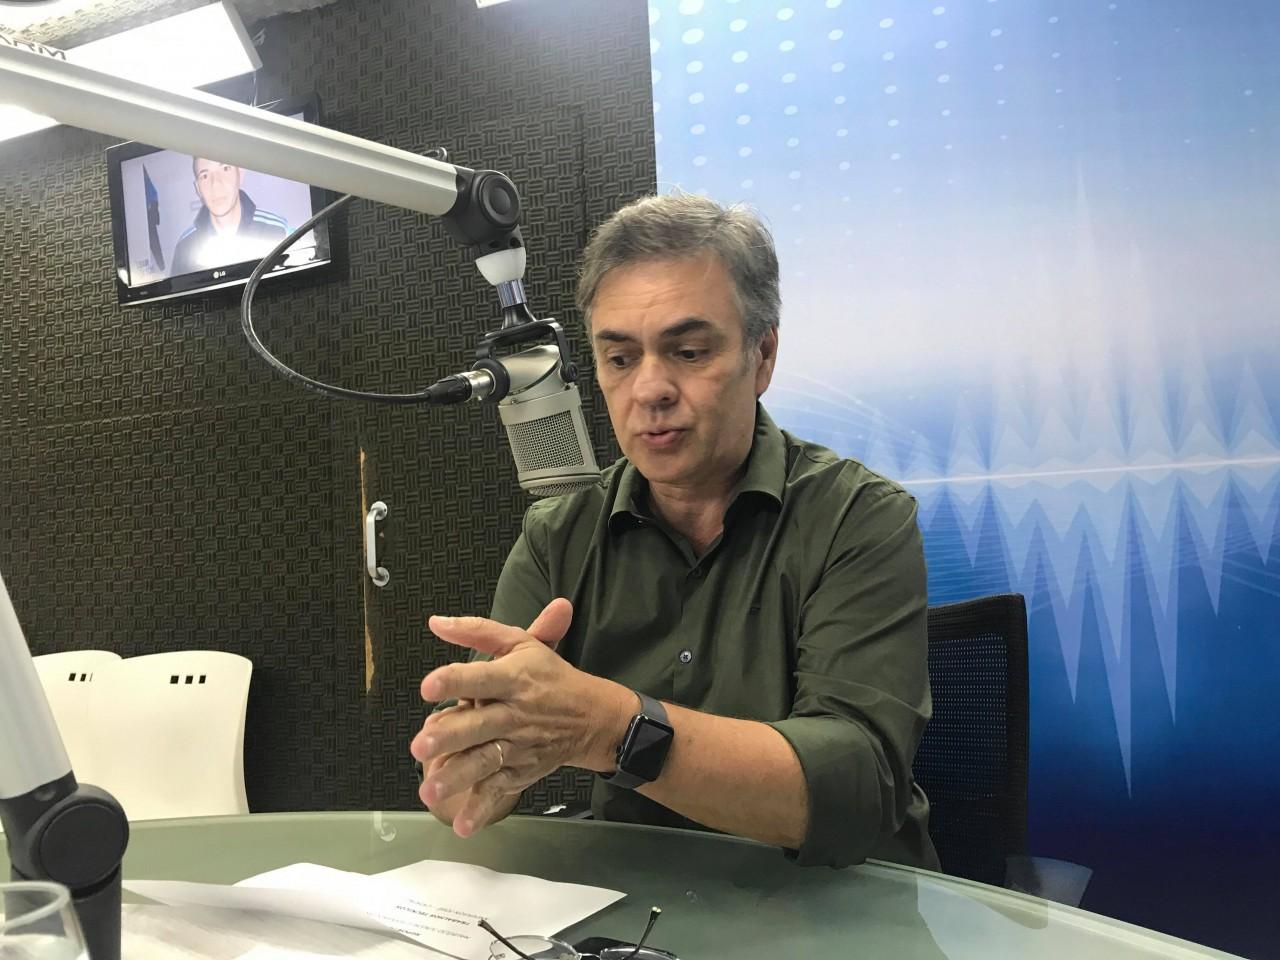 37703992 1922333014489522 101508519794049024 n - CRISTAL QUEBRADO: Cássio Cunha Lima diz que PSDB e DEM podem não se aliar nos estados e que Aécio foi 'decepção'